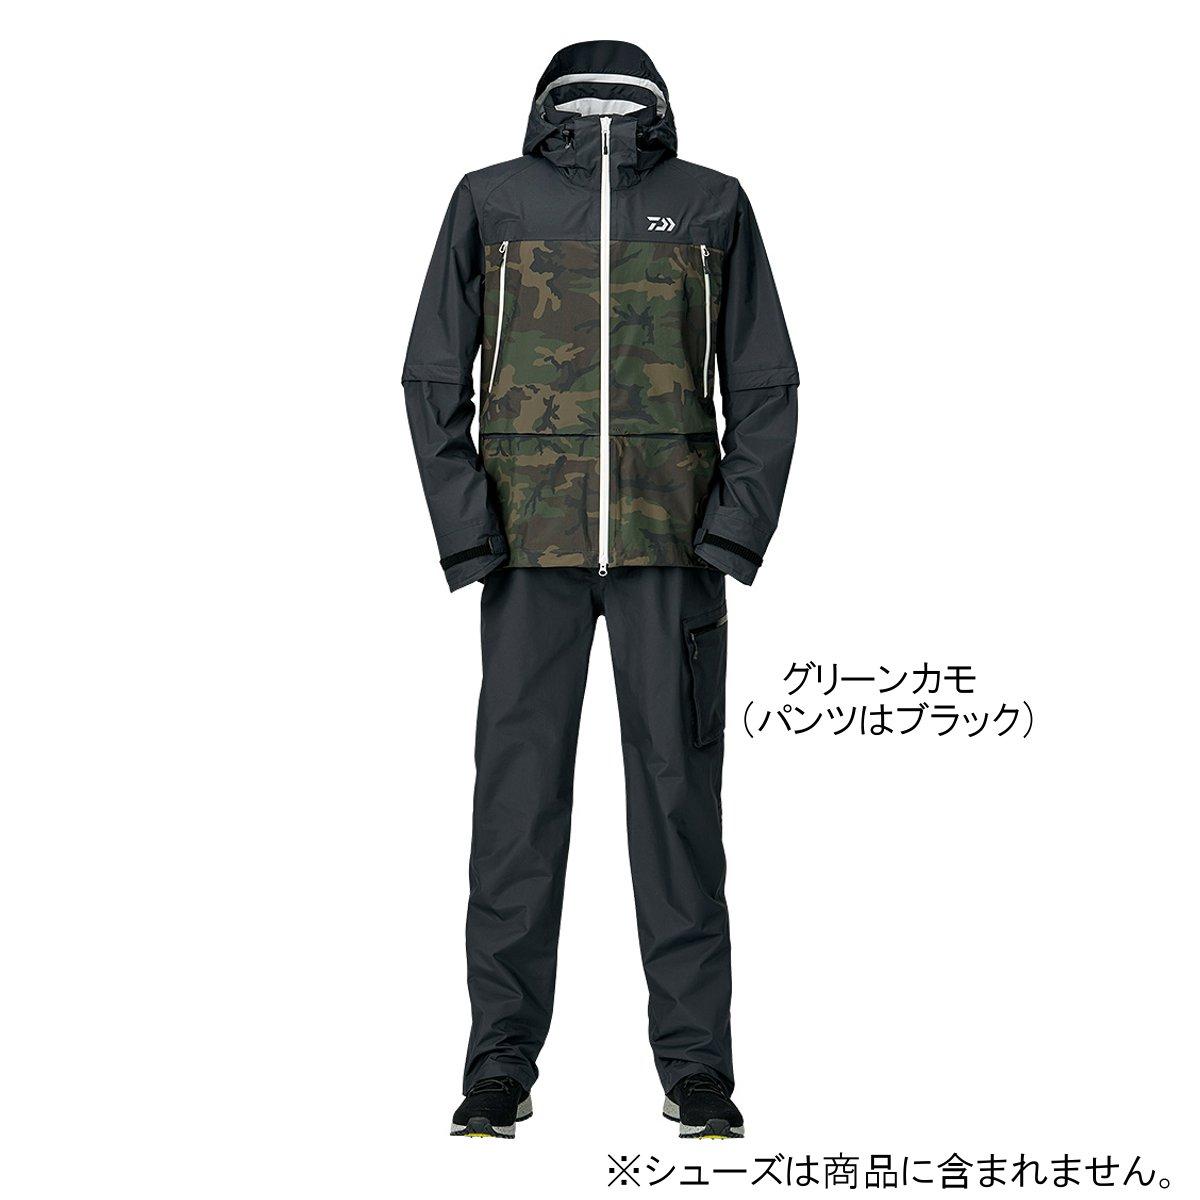 ダイワ レインマックス デタッチャブルレインスーツ DR-30009 L グリーンカモ(東日本店)